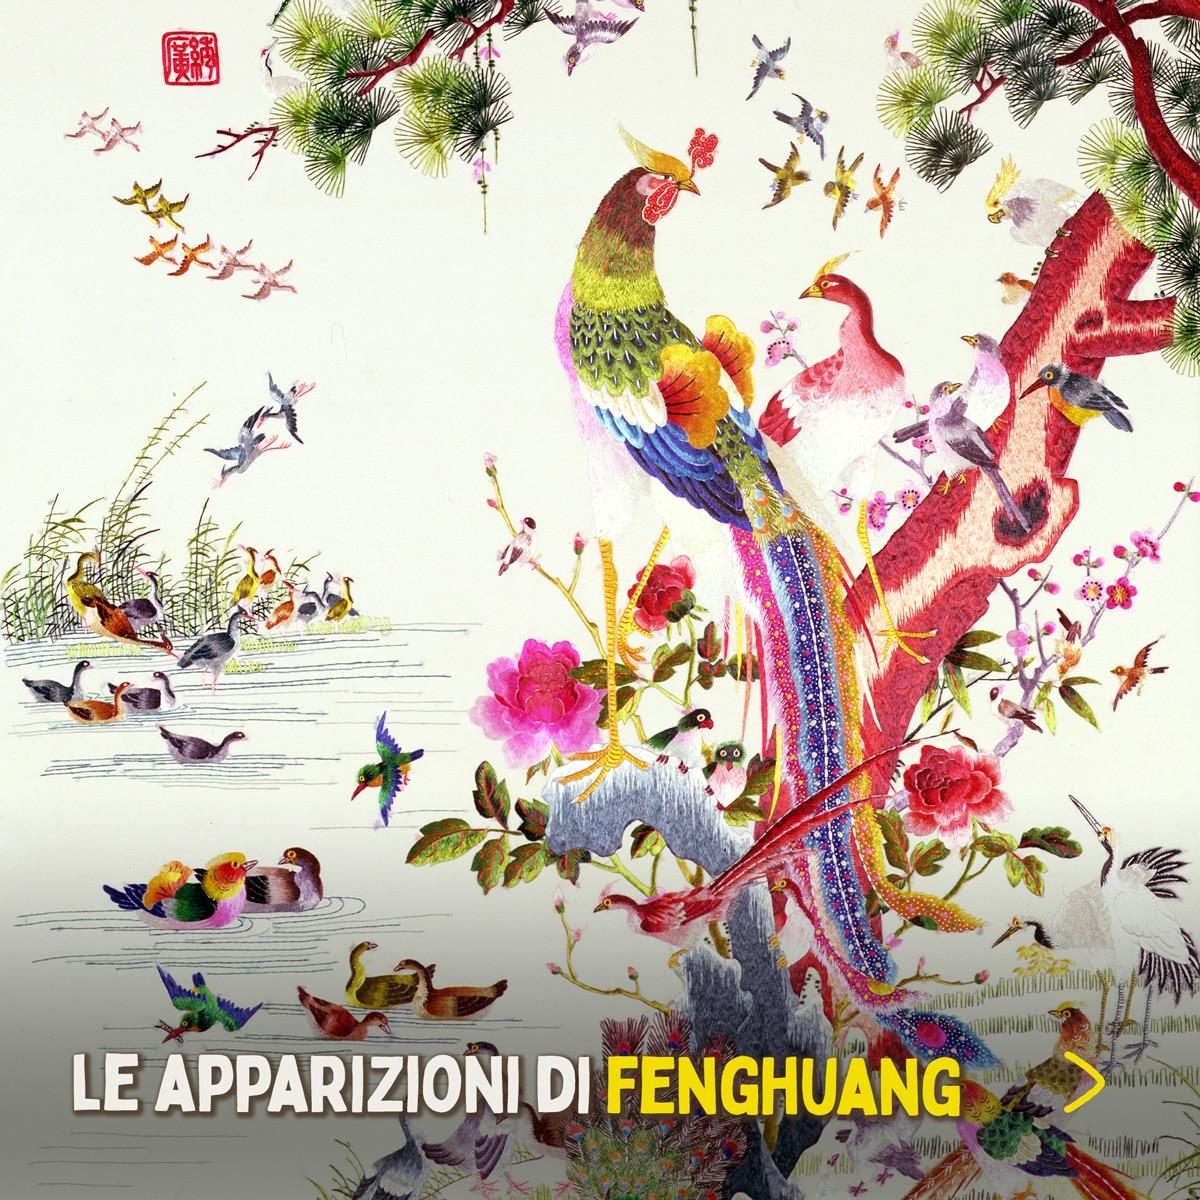 Il mito di Fenghuang, la fenice cinese